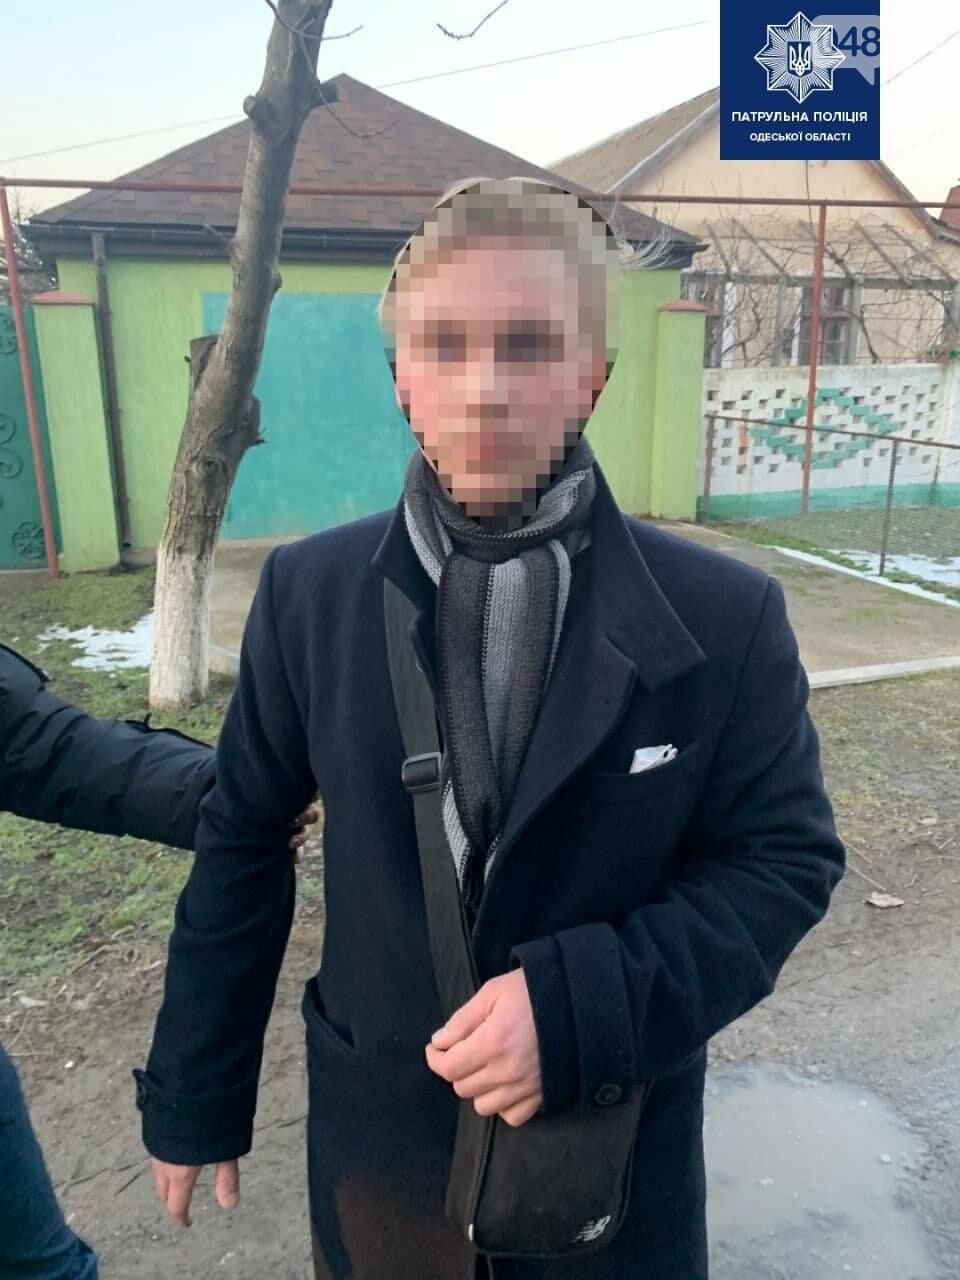 В Одессе закладчики предложили патрульным взятку 20 тысяч гривен, - ФОТО, фото-3